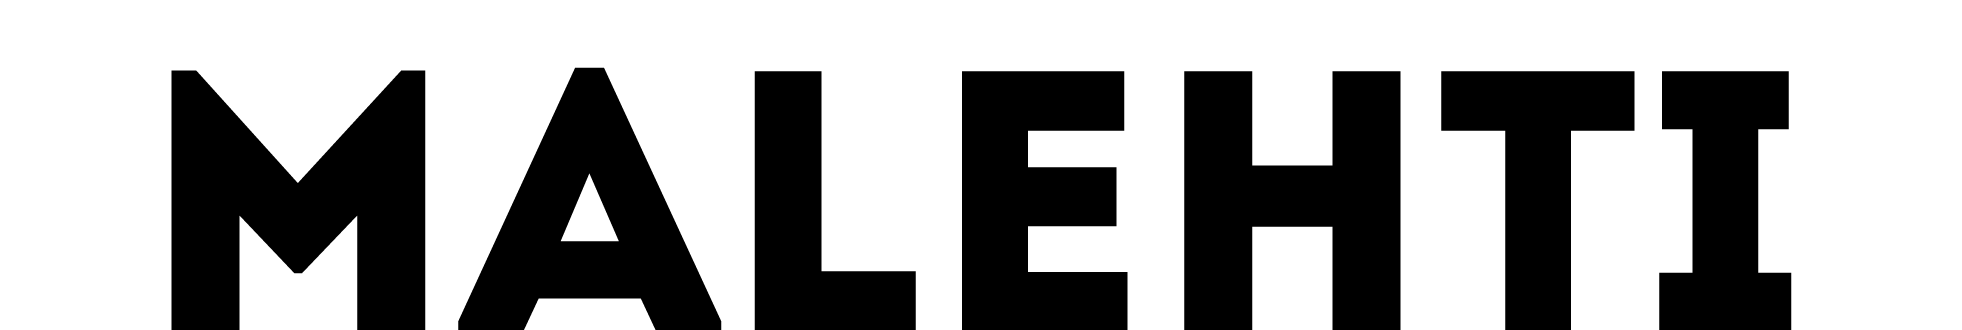 Malehti 1407944721-logo-malehti